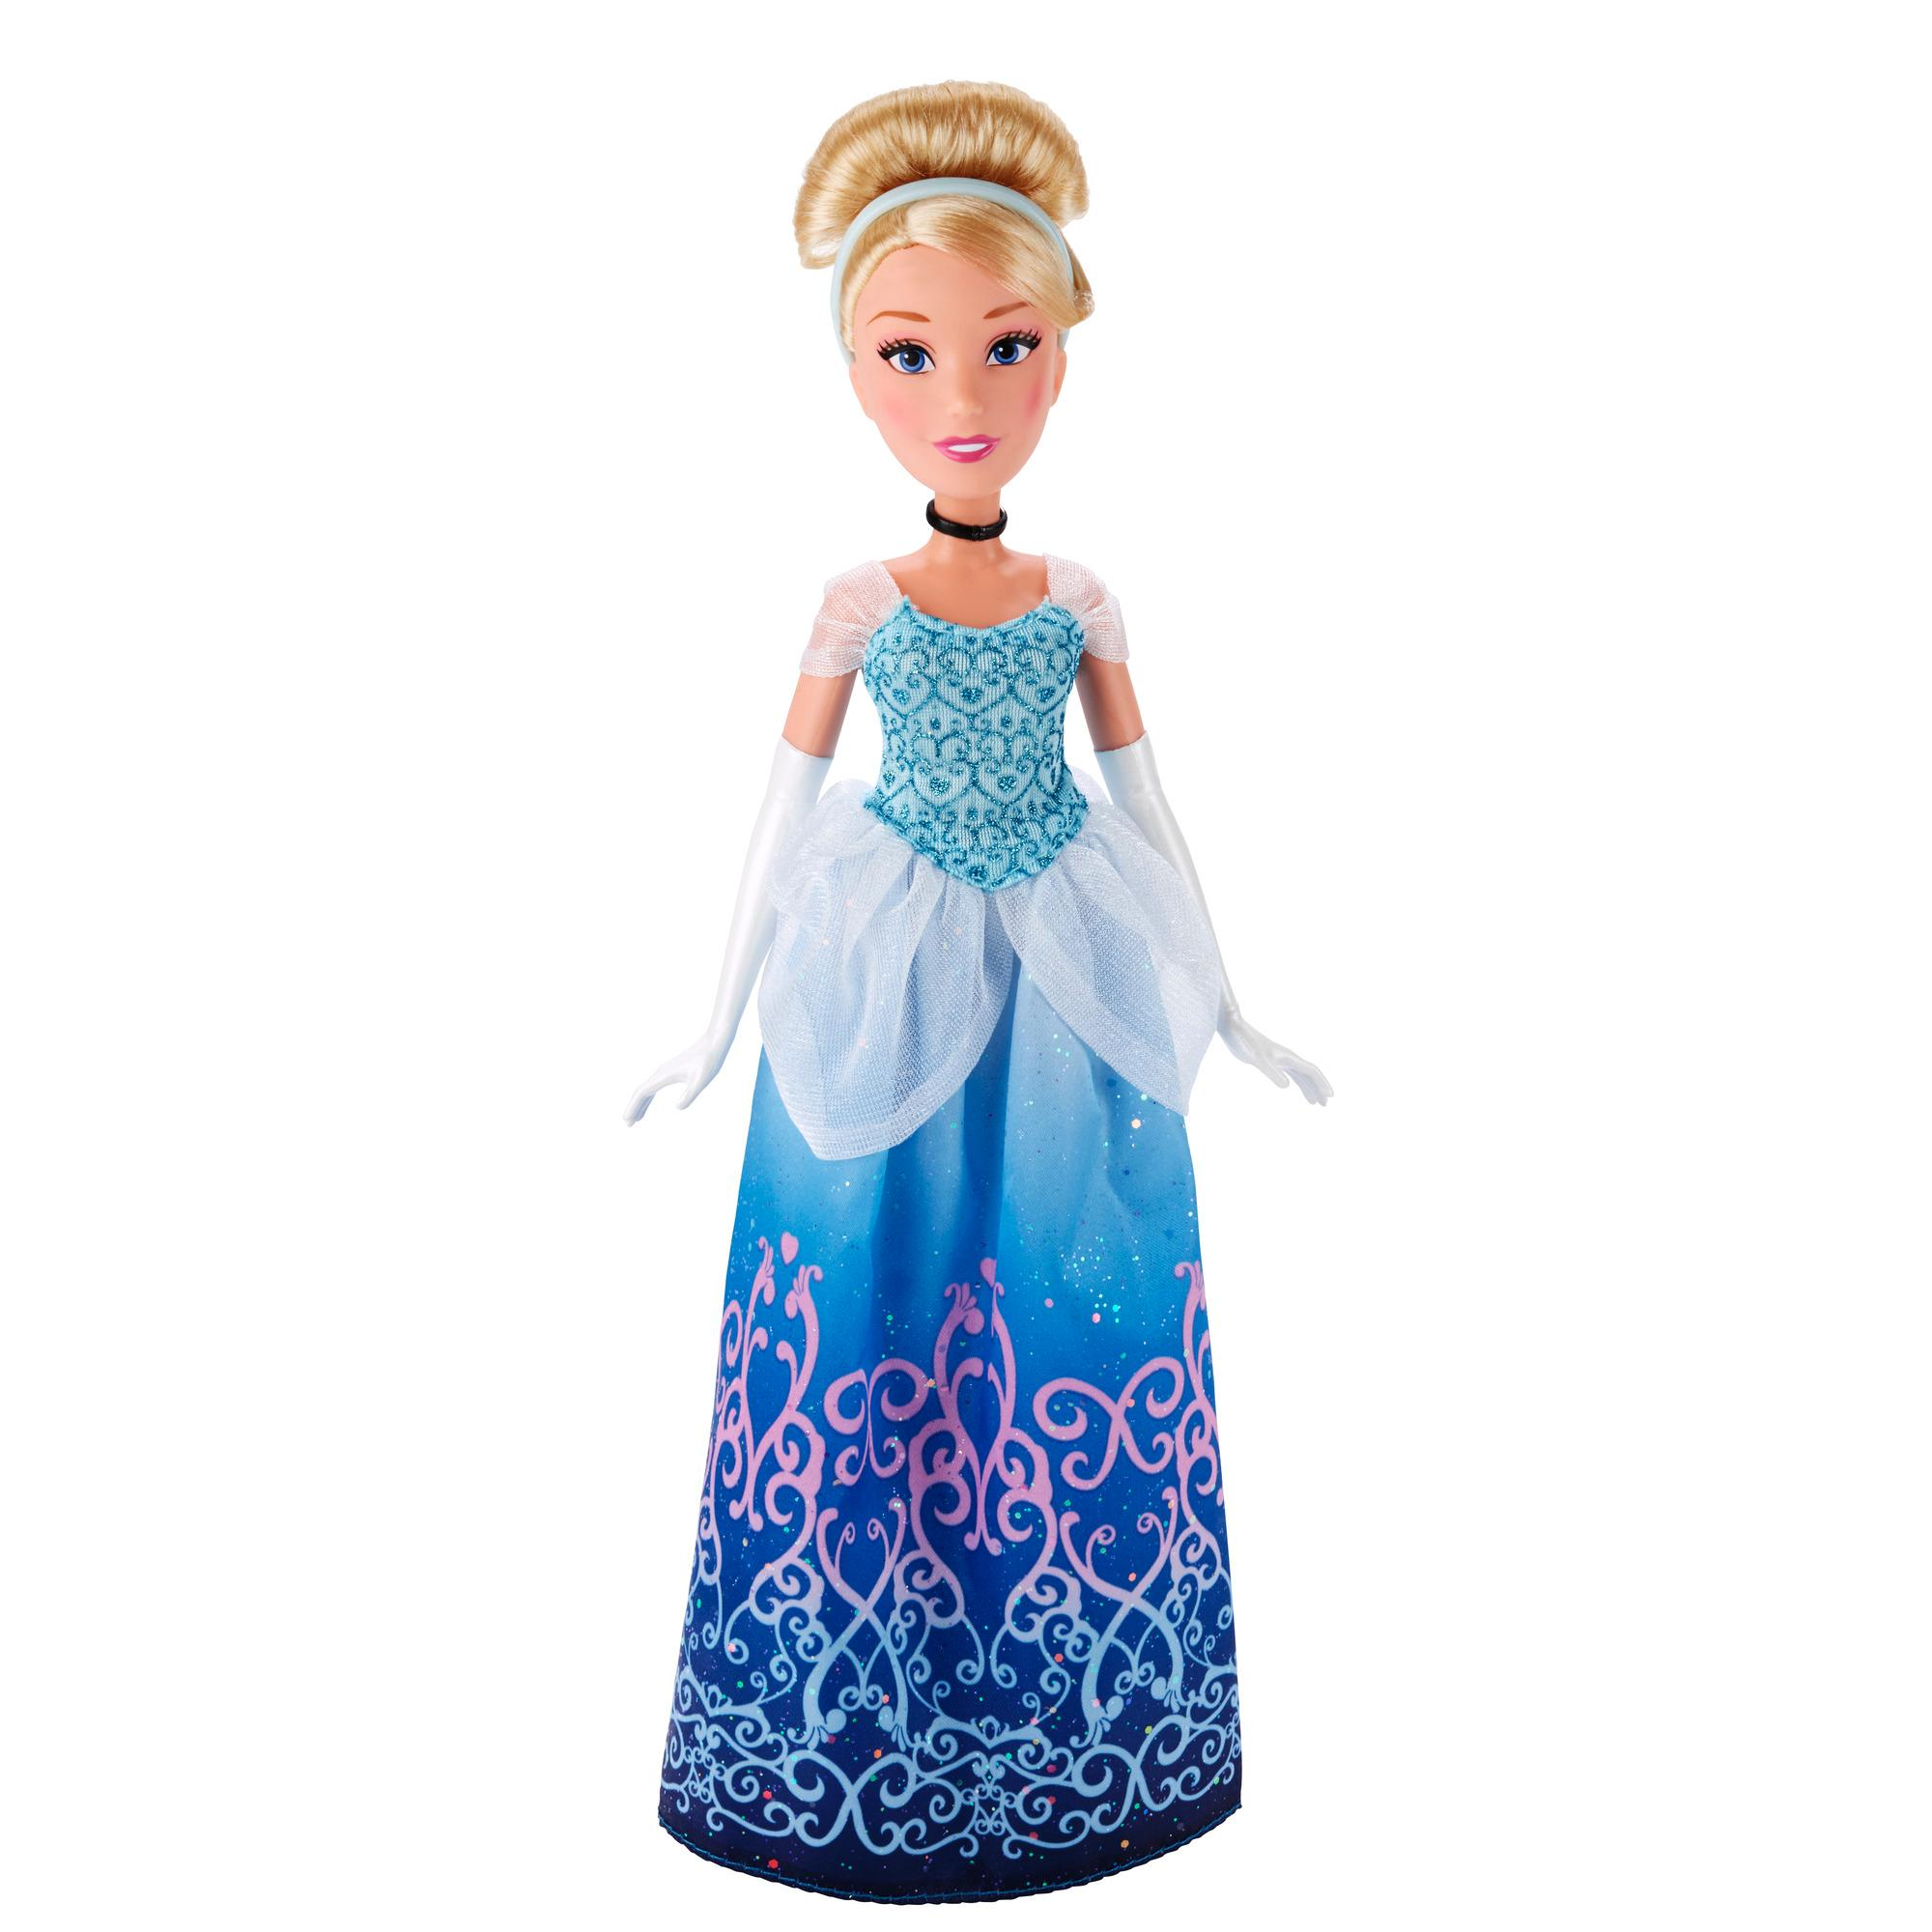 Кукла Принцесса Золушка из серии «Королевский блеск»Золушка<br>Кукла Принцесса Золушка из серии «Королевский блеск»<br>